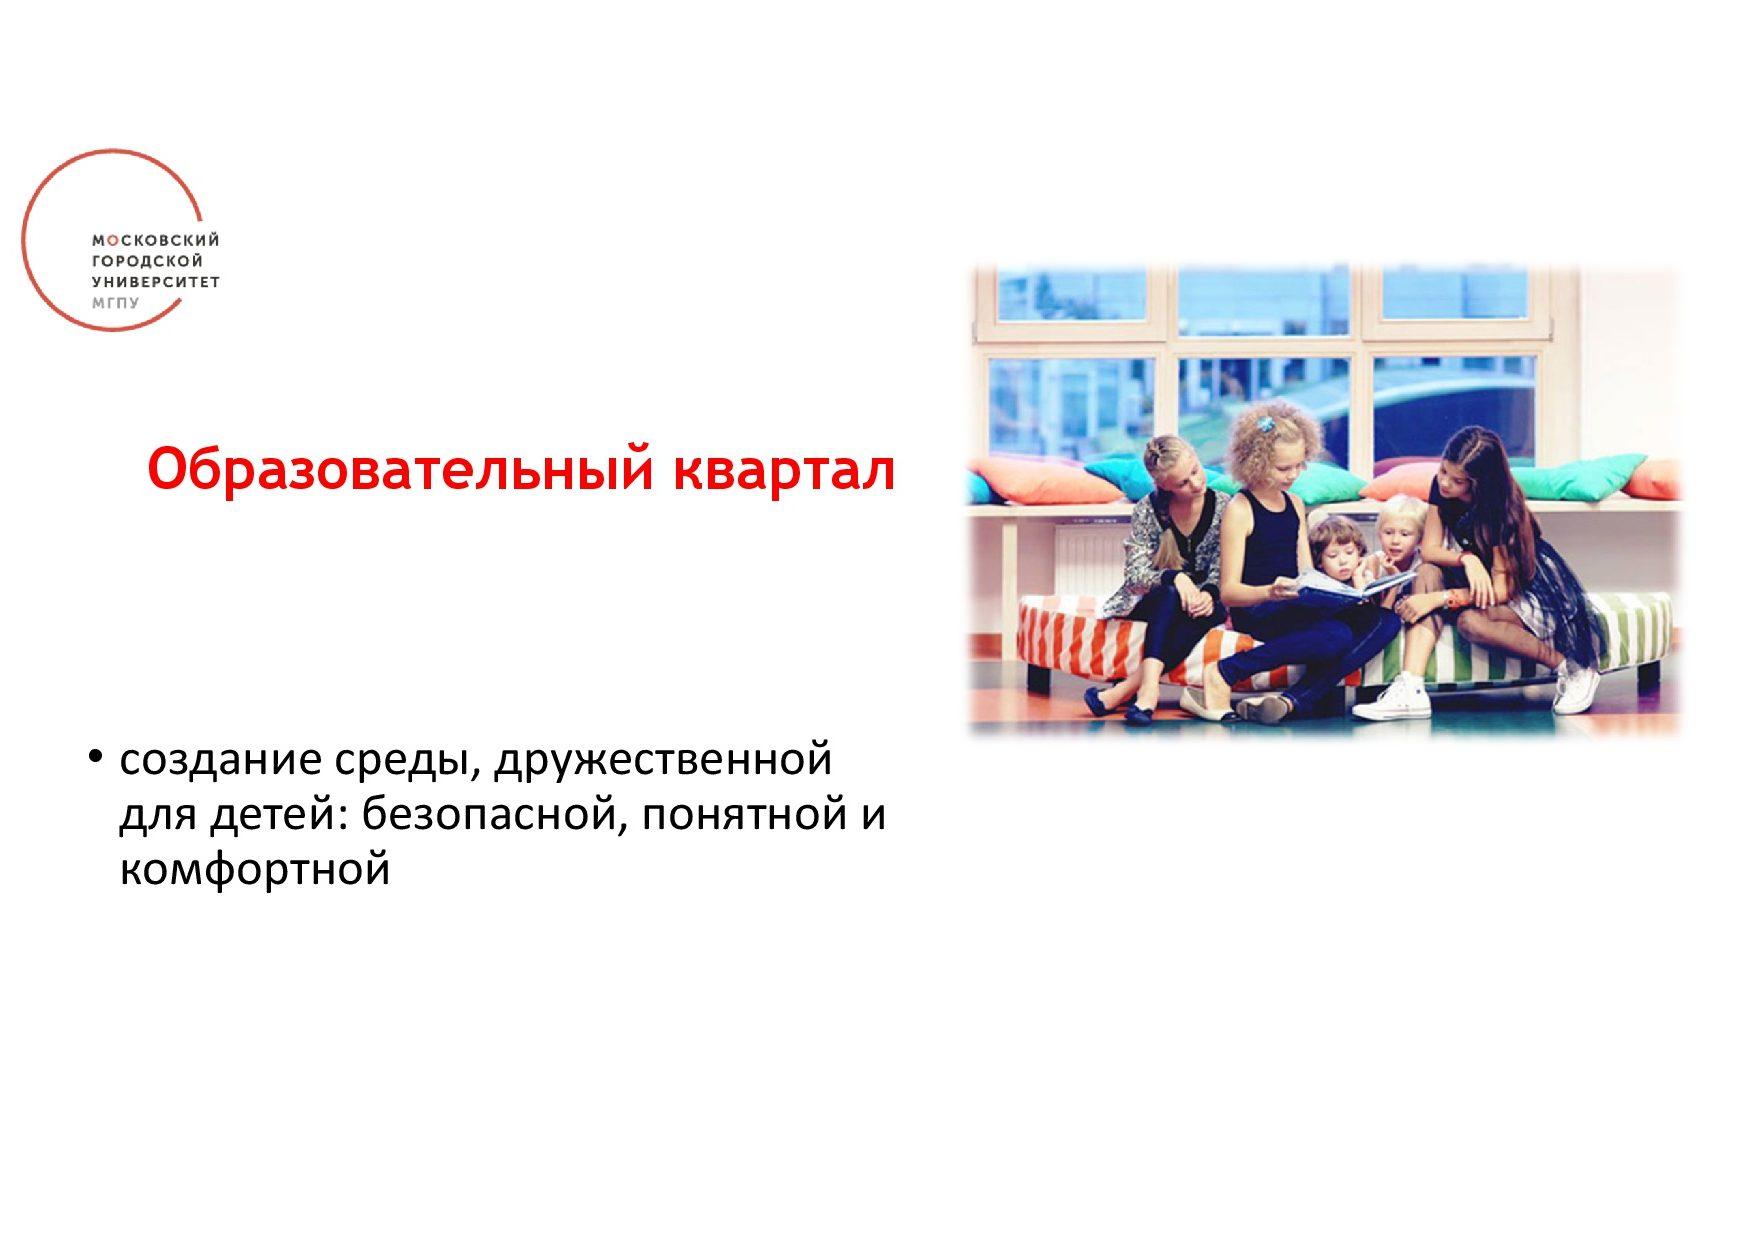 Презентация на МГК -Иванова ЕВ-018